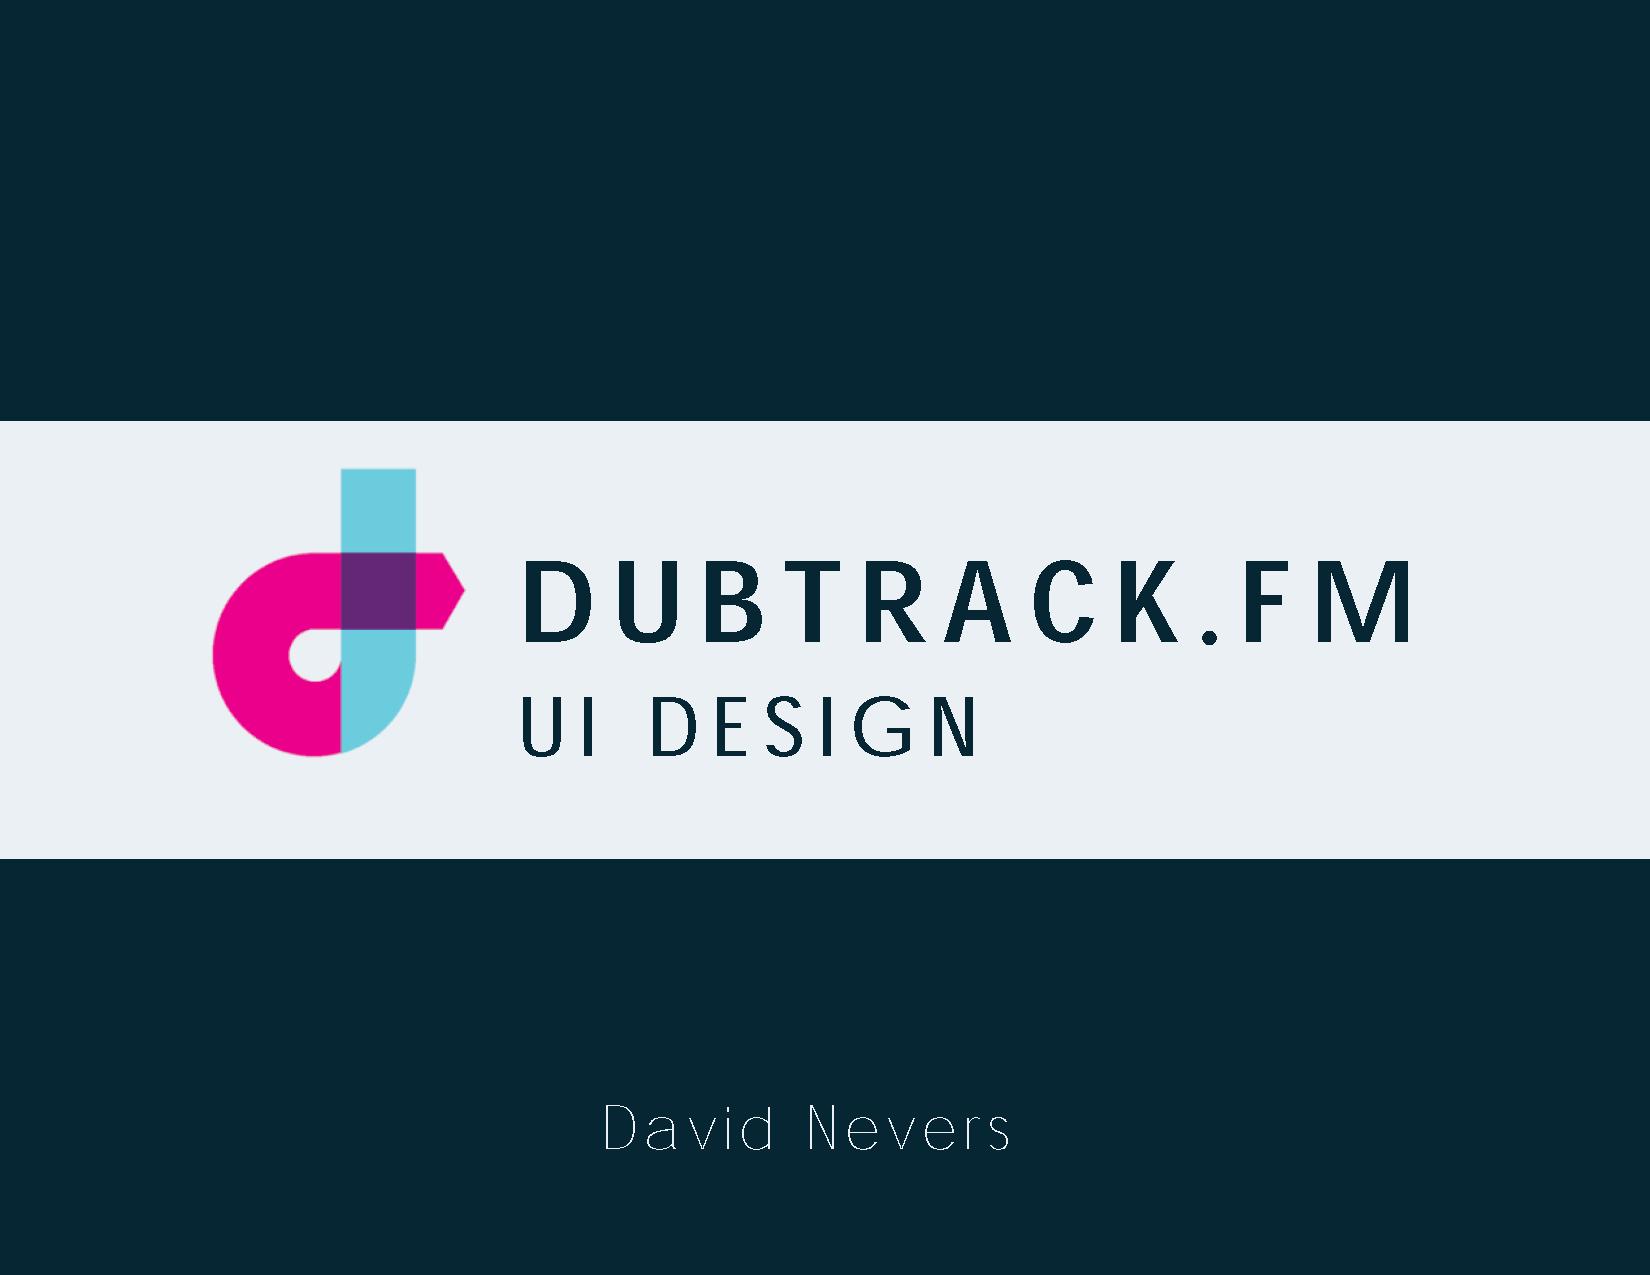 David Nevers